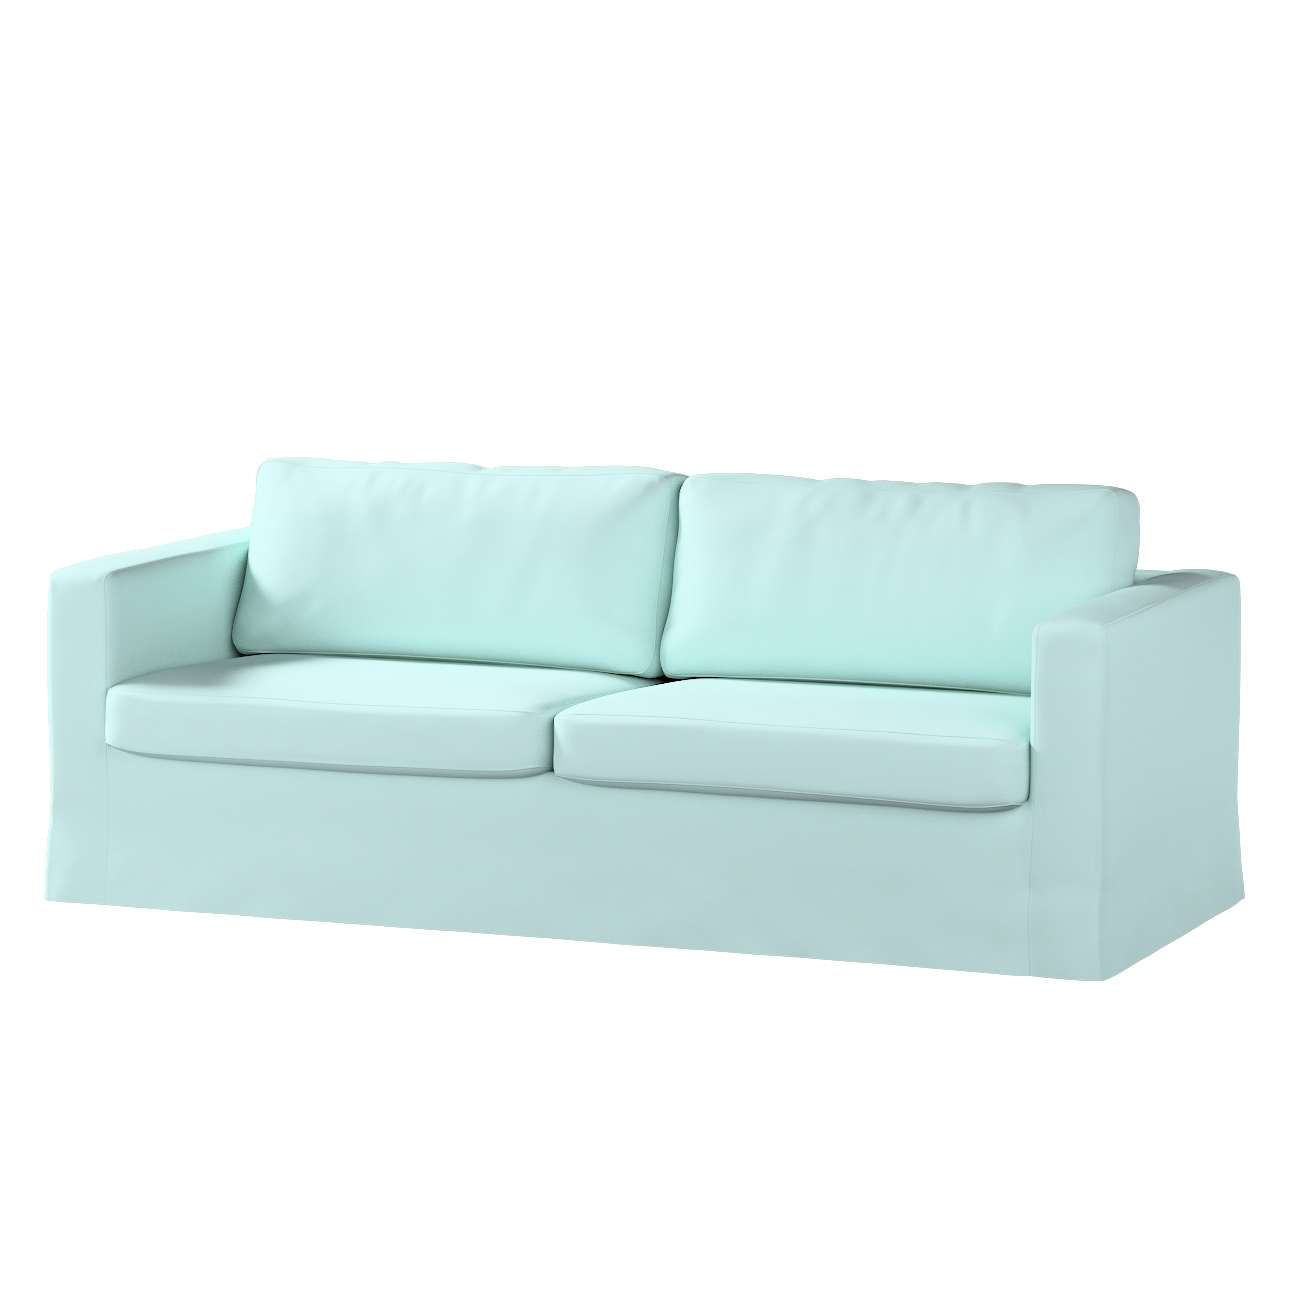 Potah na pohovku IKEA  Karlstad 3-místná, nerozkládací, dlouhý v kolekci Cotton Panama, látka: 702-10